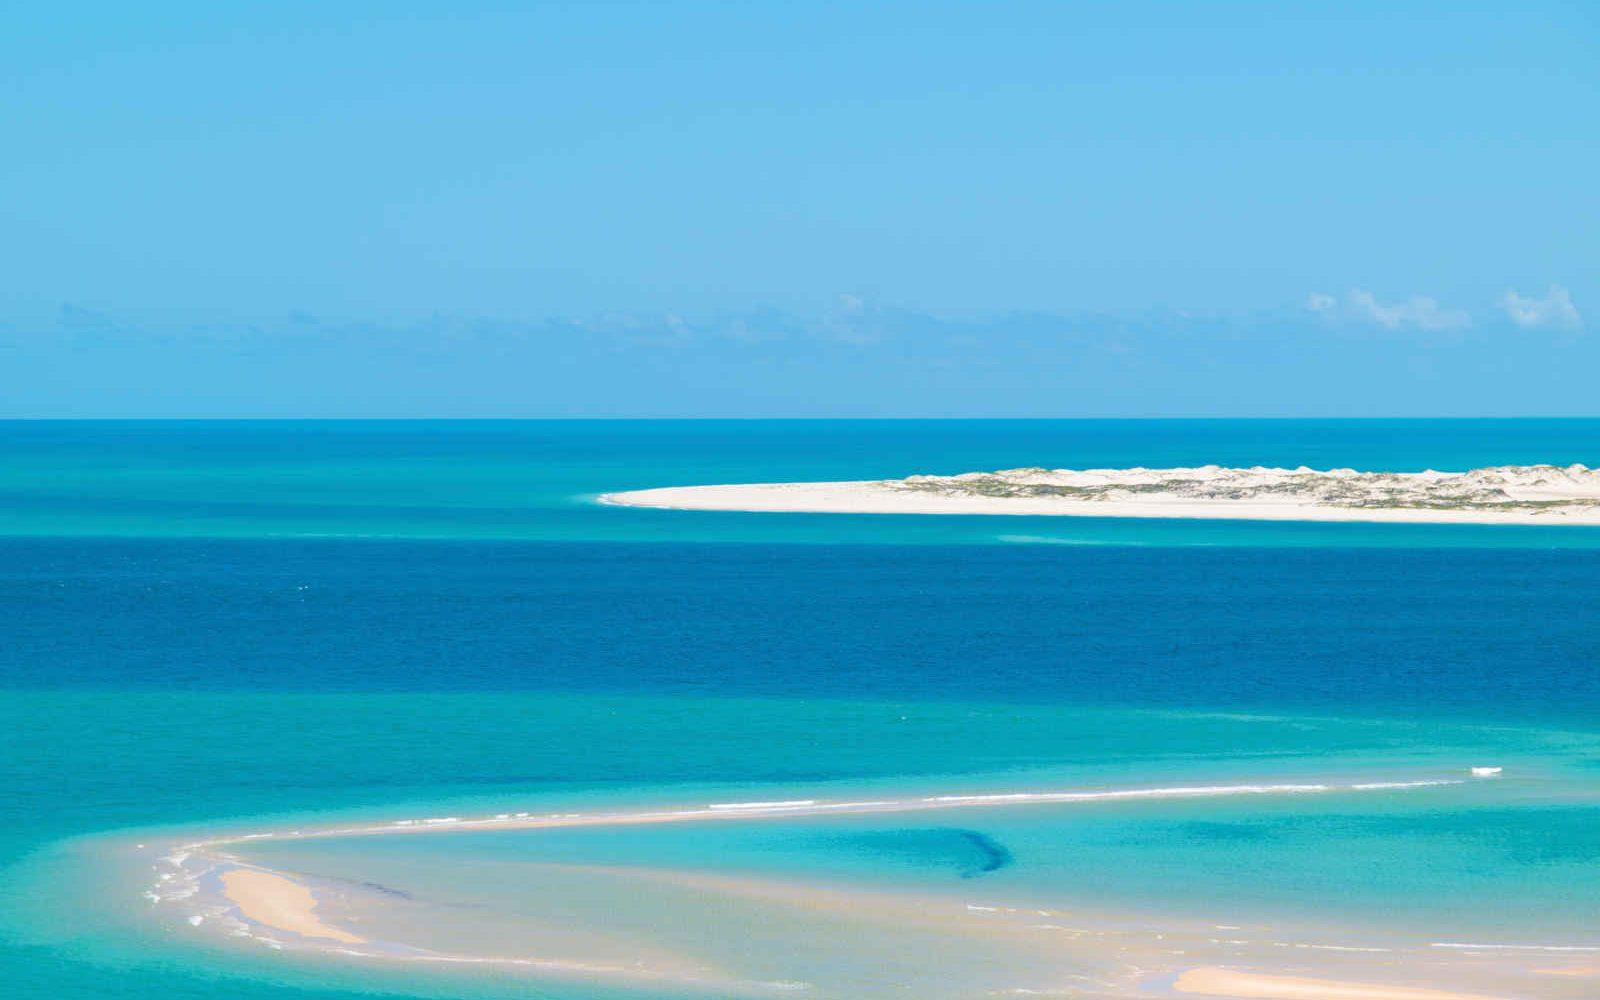 Vilanculos, Ile de Bazaruto, Mozambique